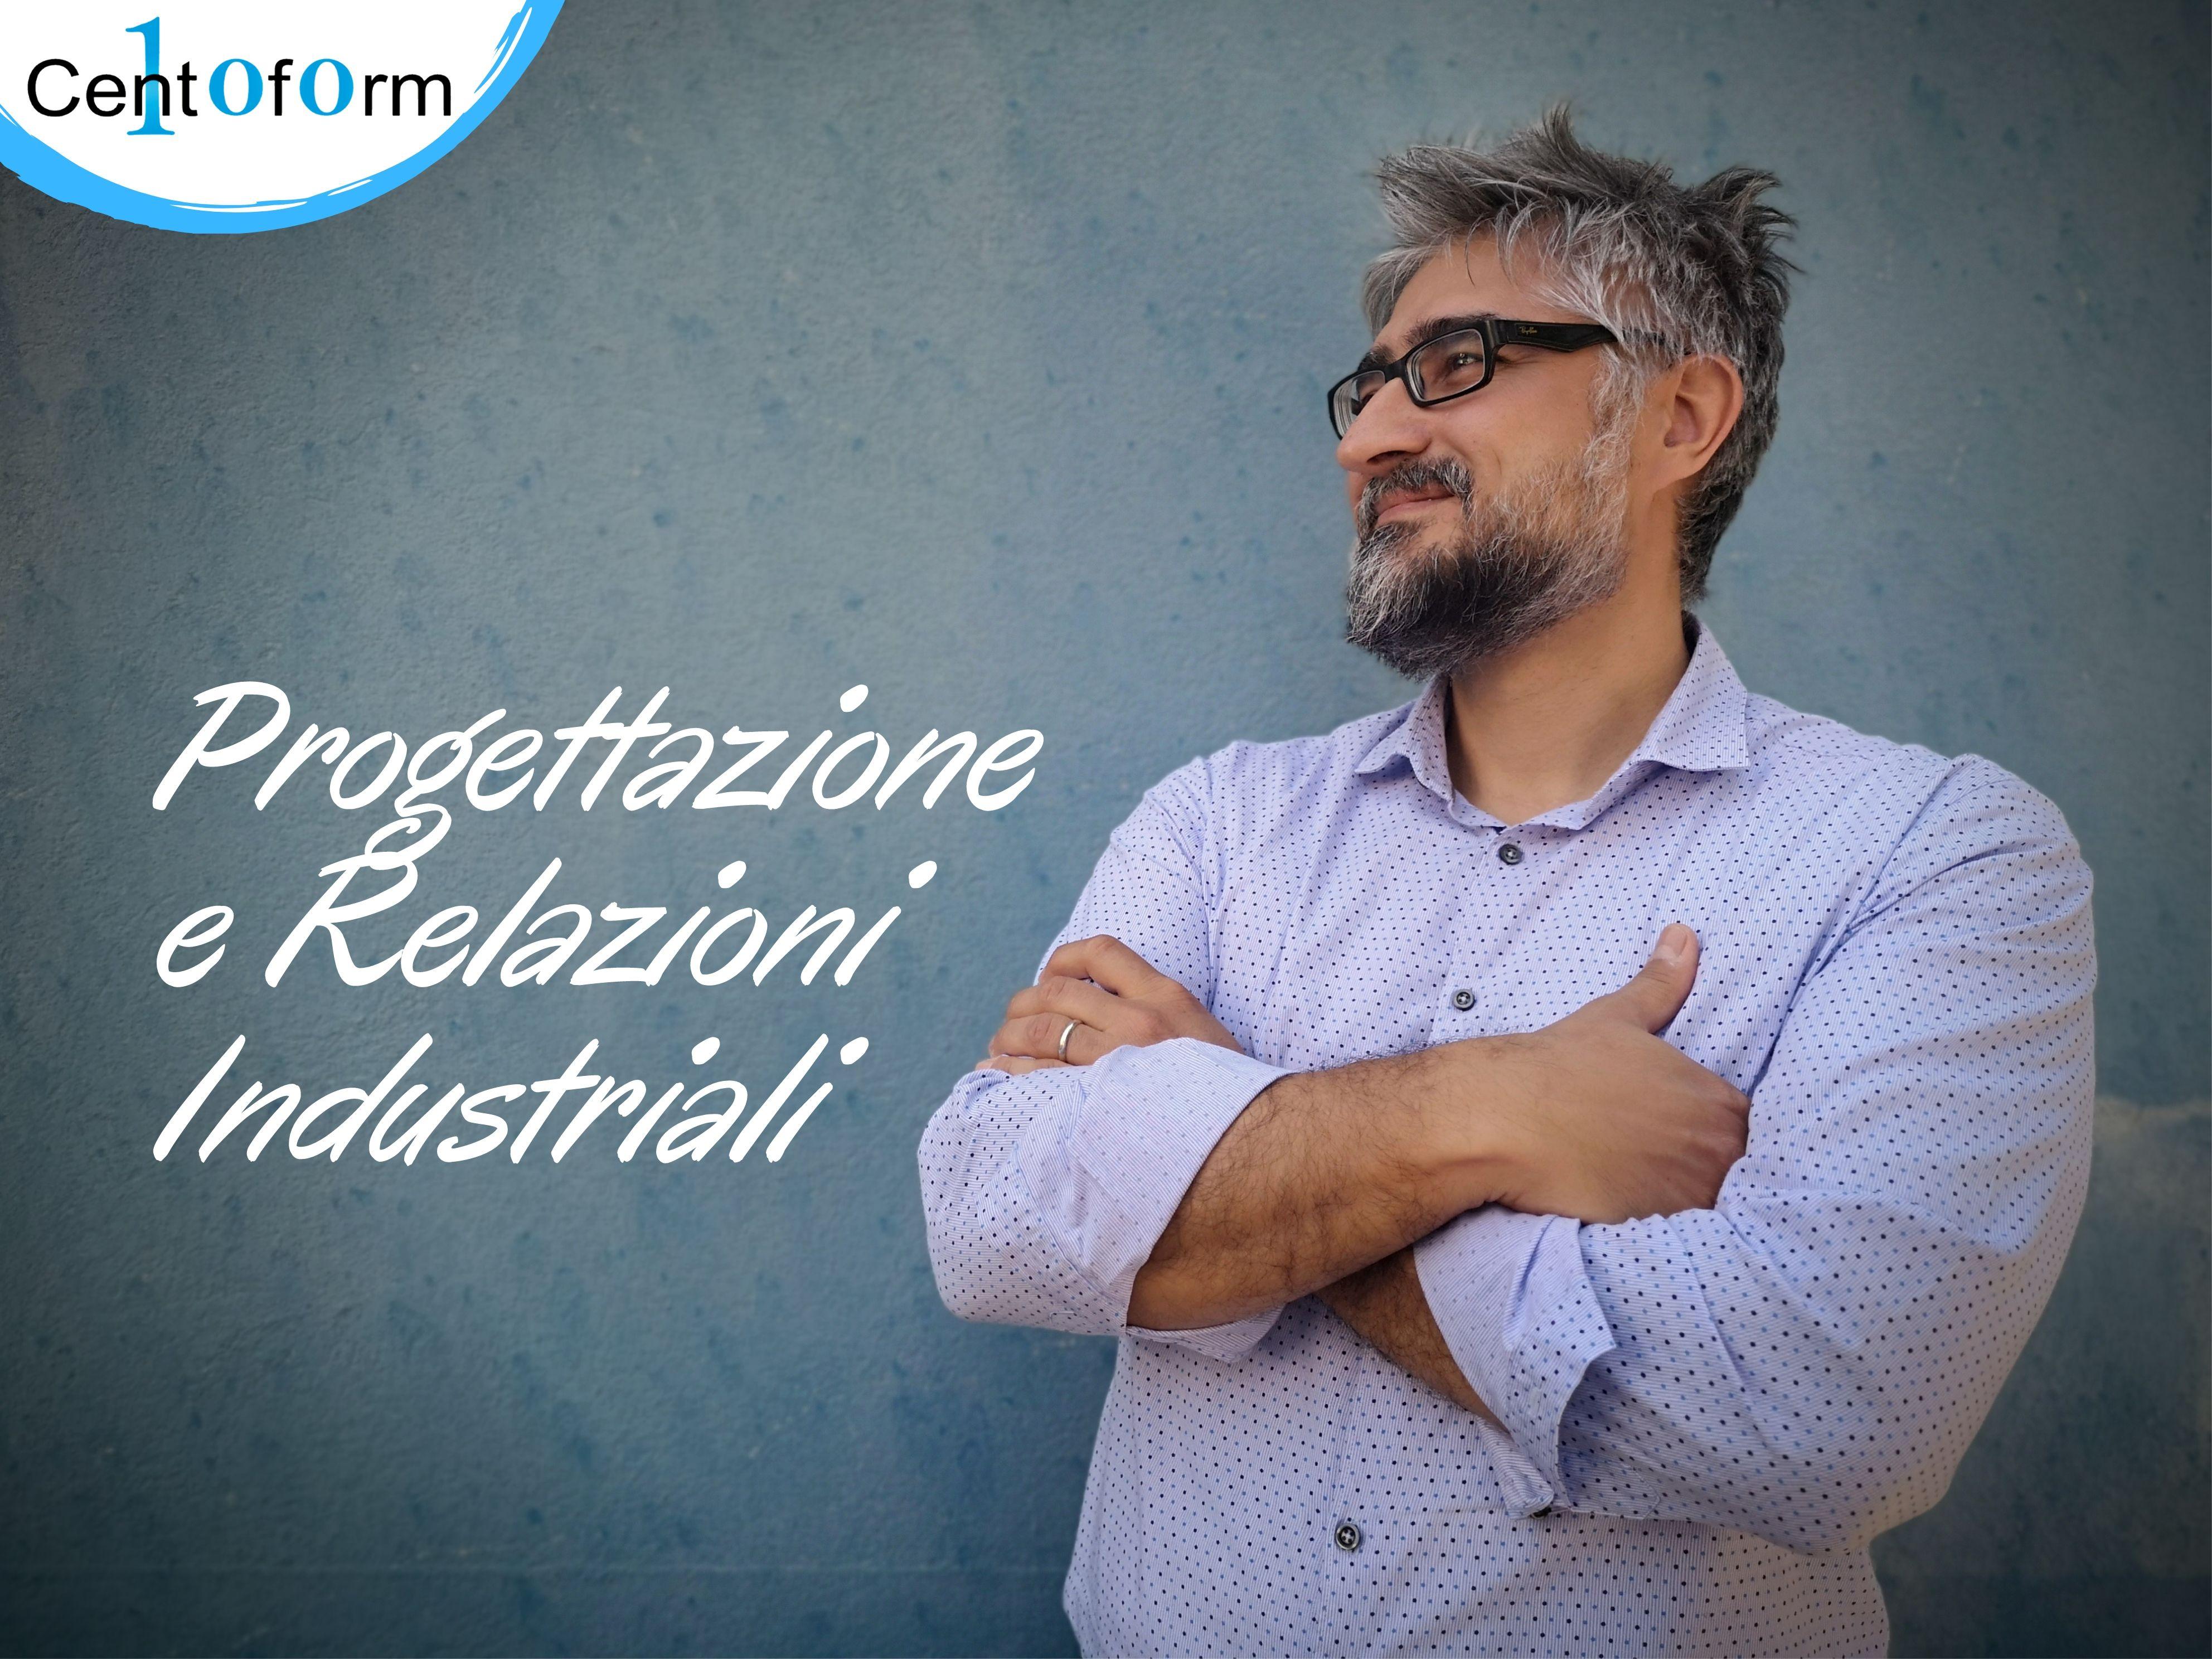 Paolo barchetti